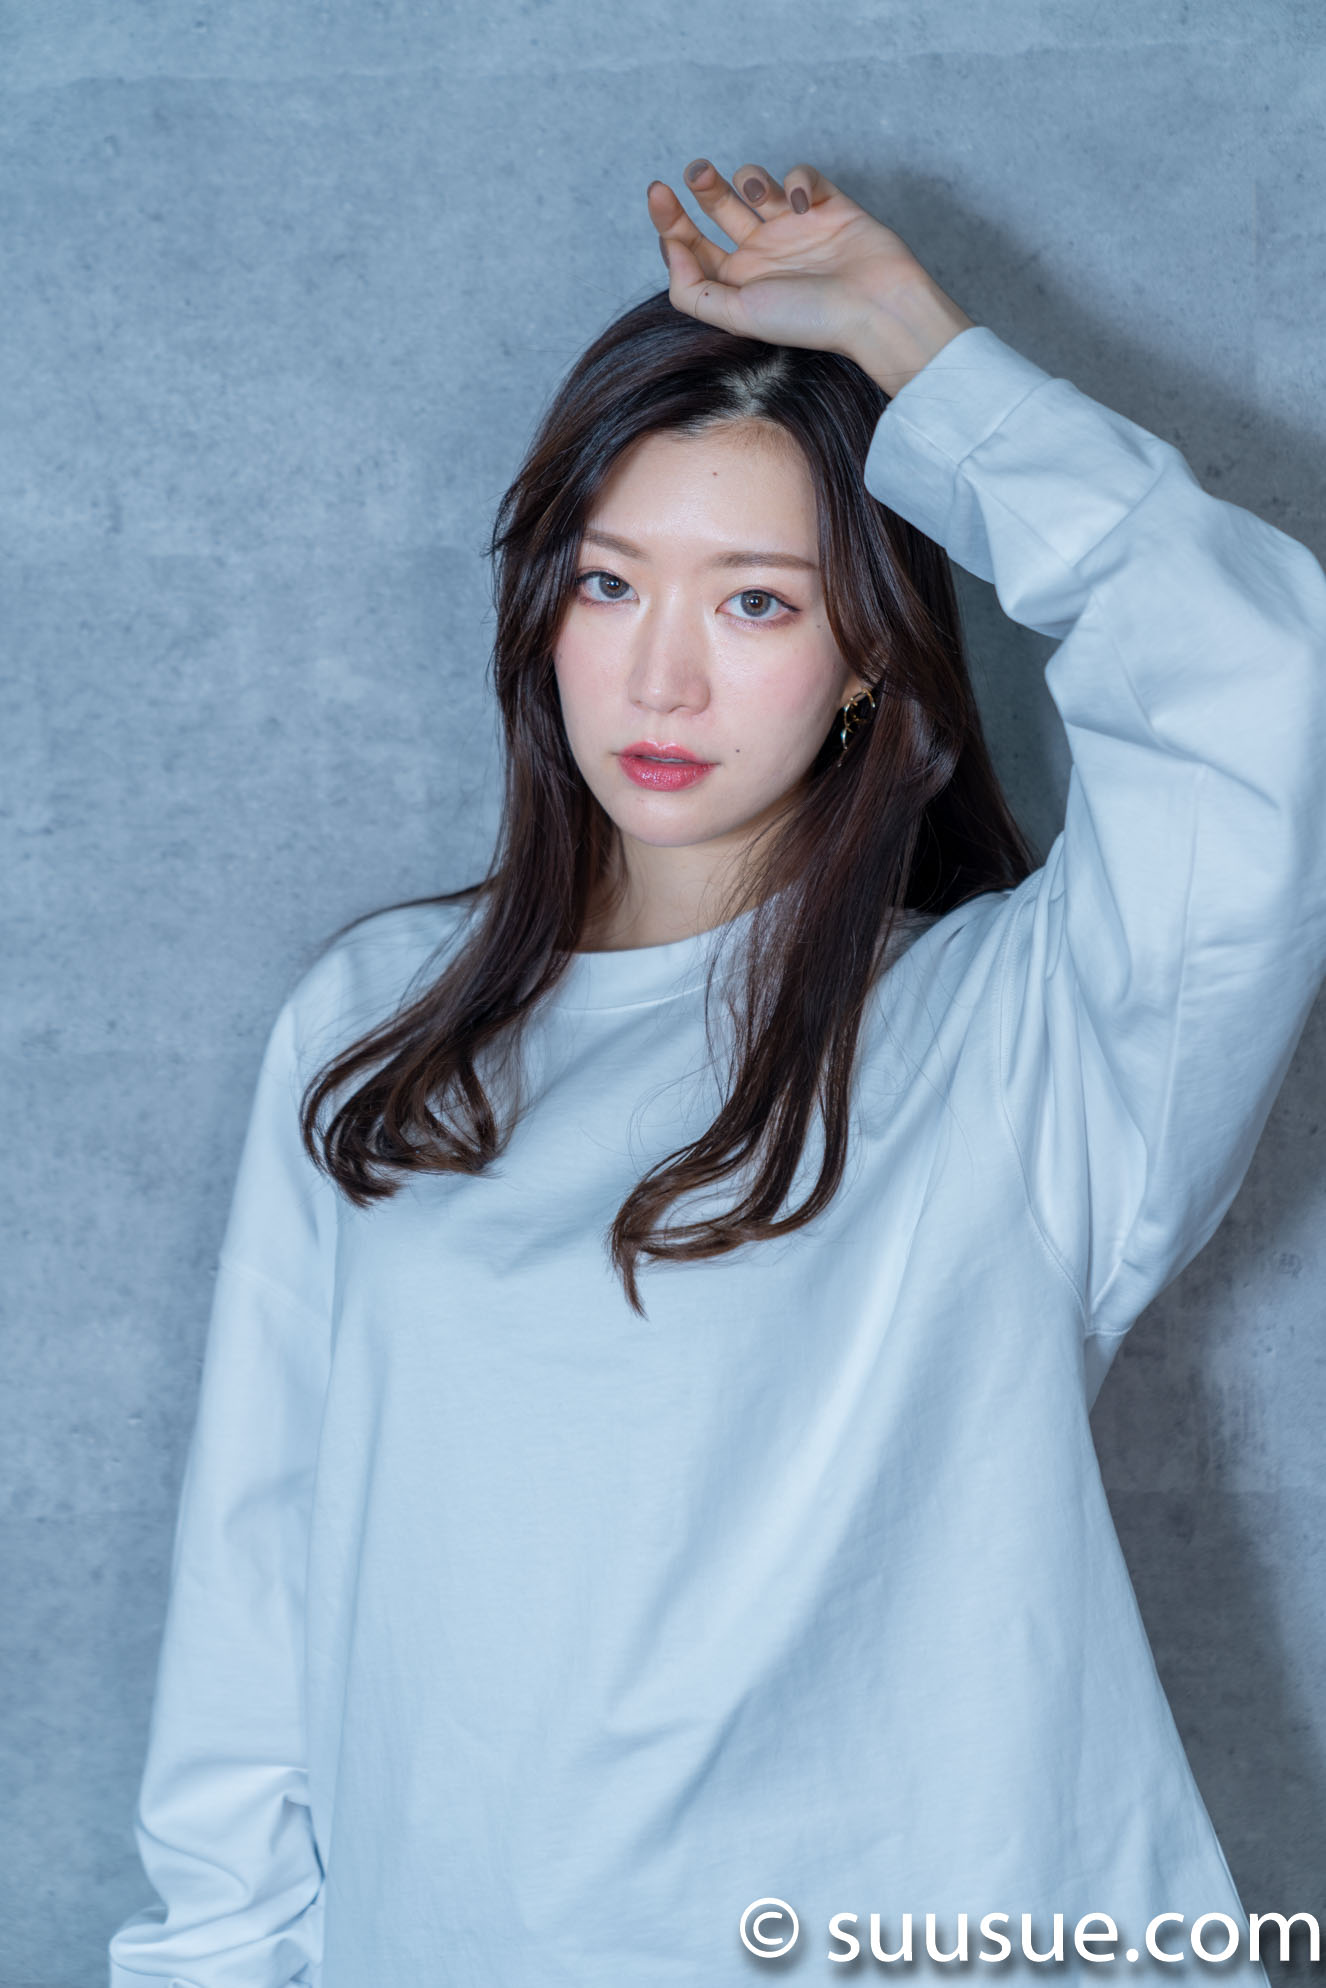 小嶋みやび 個人撮影会 2019/10/27 NewType撮影会